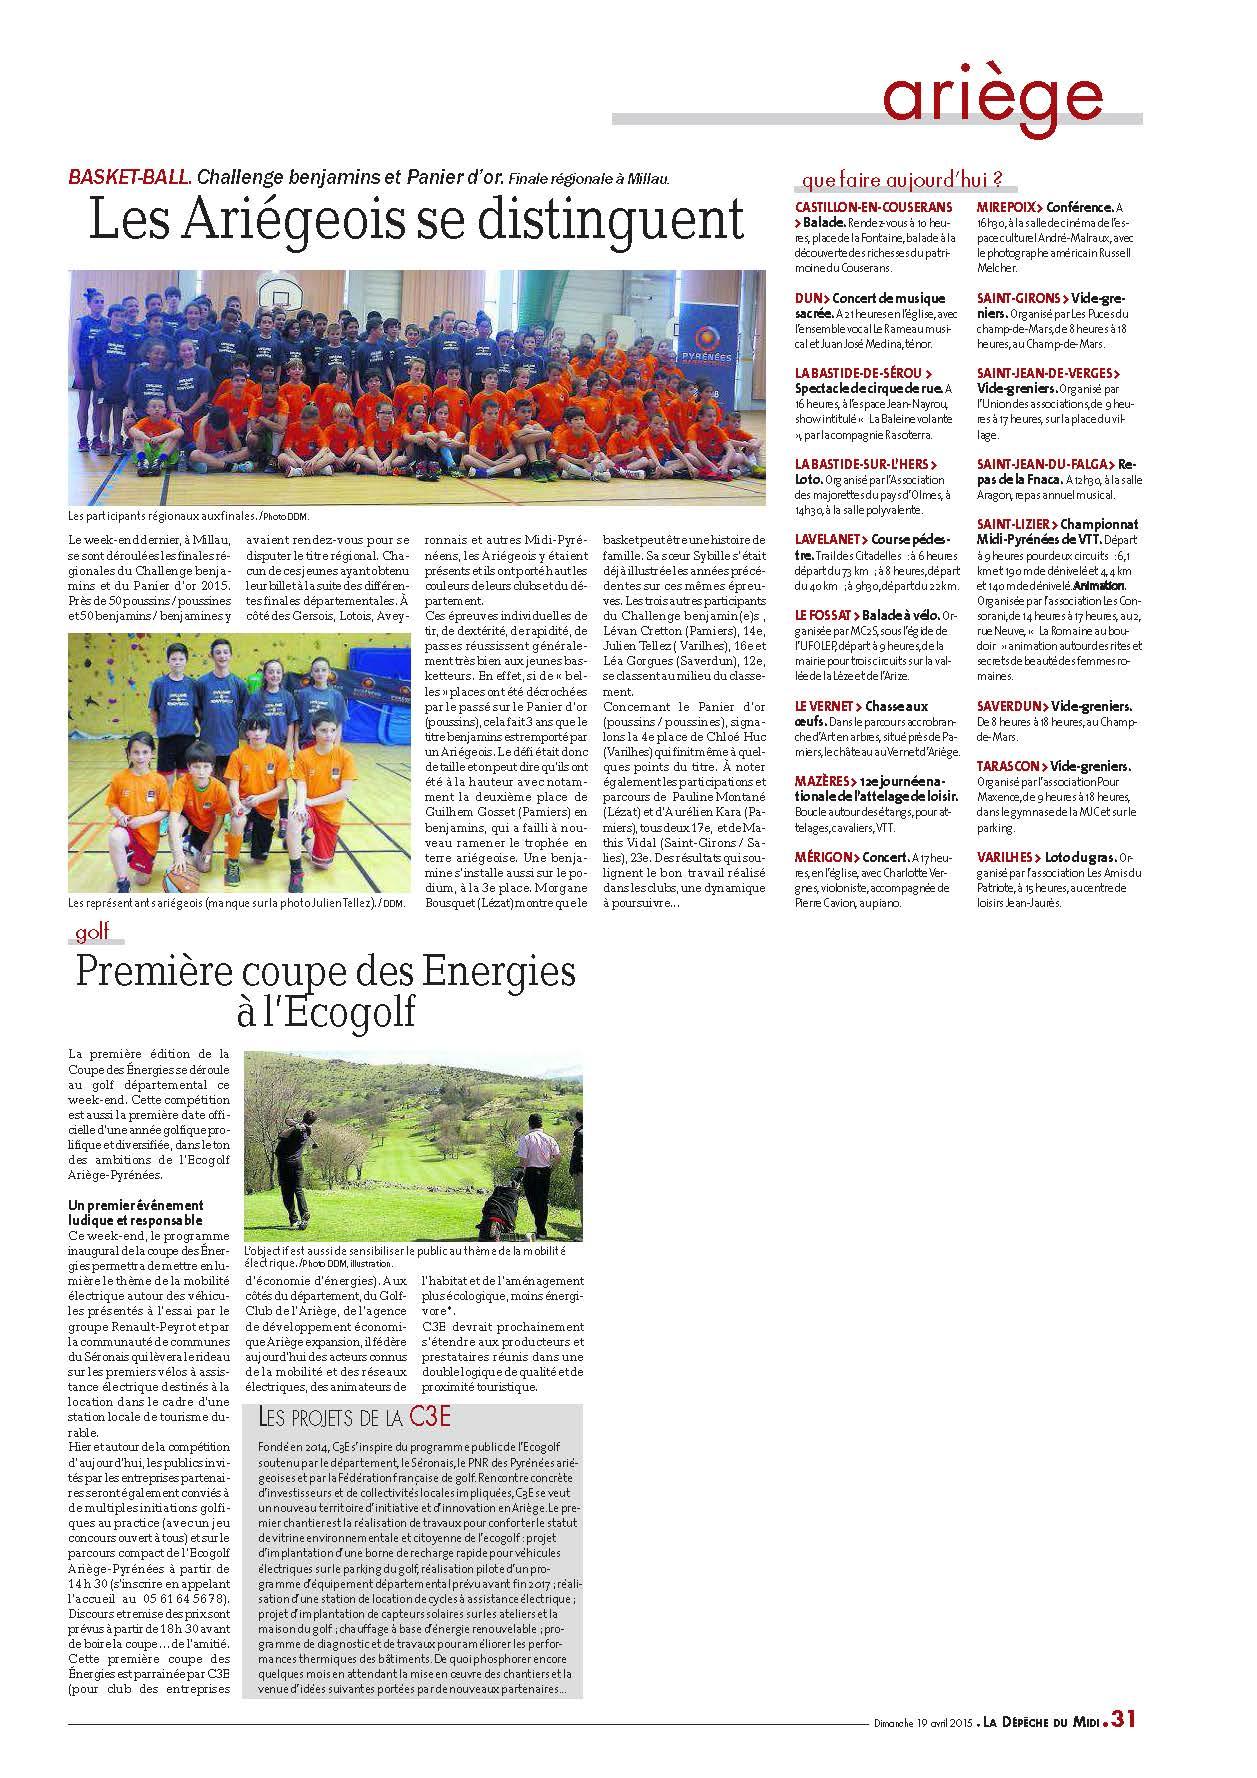 Article Dépêche du Midi Finale Régionale Ch Benjamin & Panier d'Or